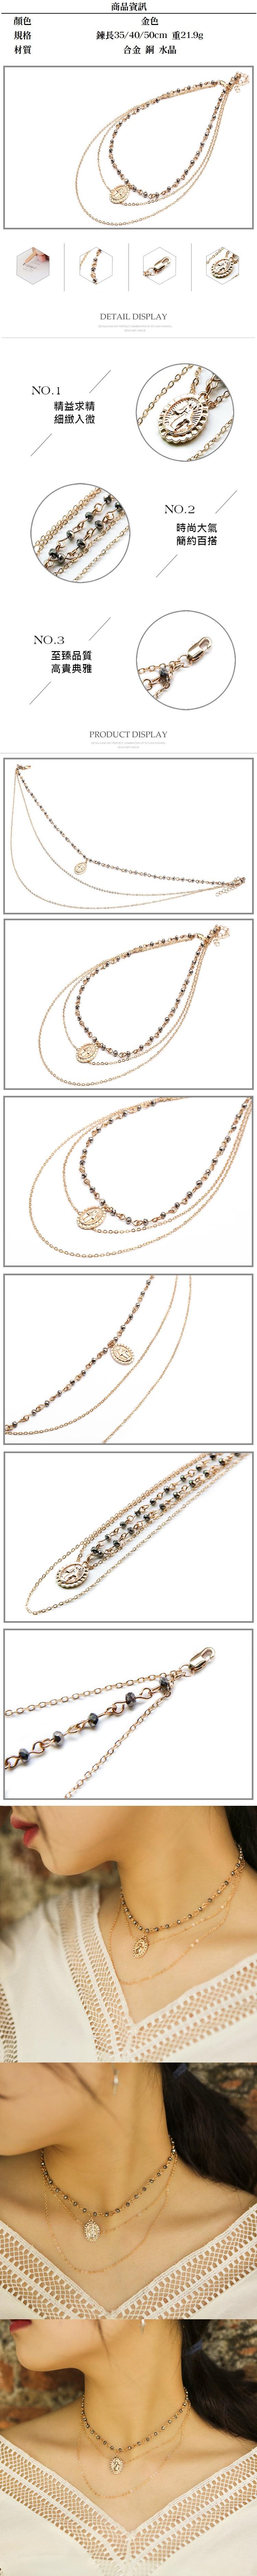 合金項鍊-多層硬幣吊牌女鎖骨鍊